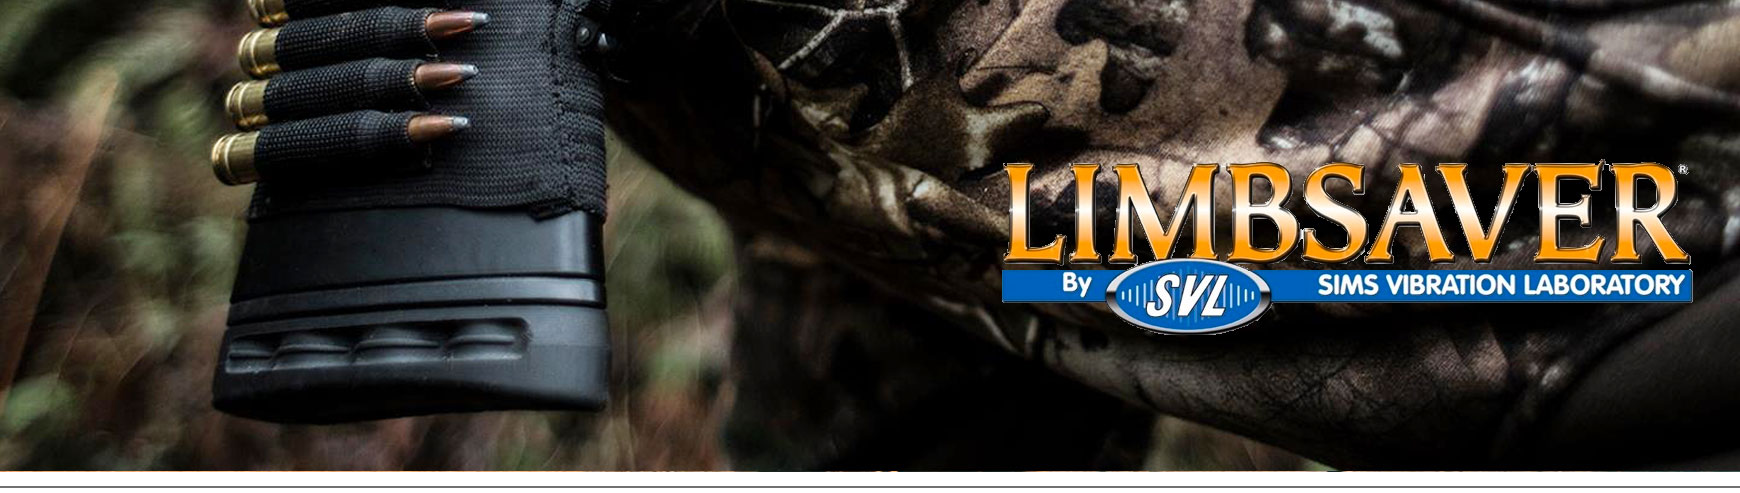 LimbSaver